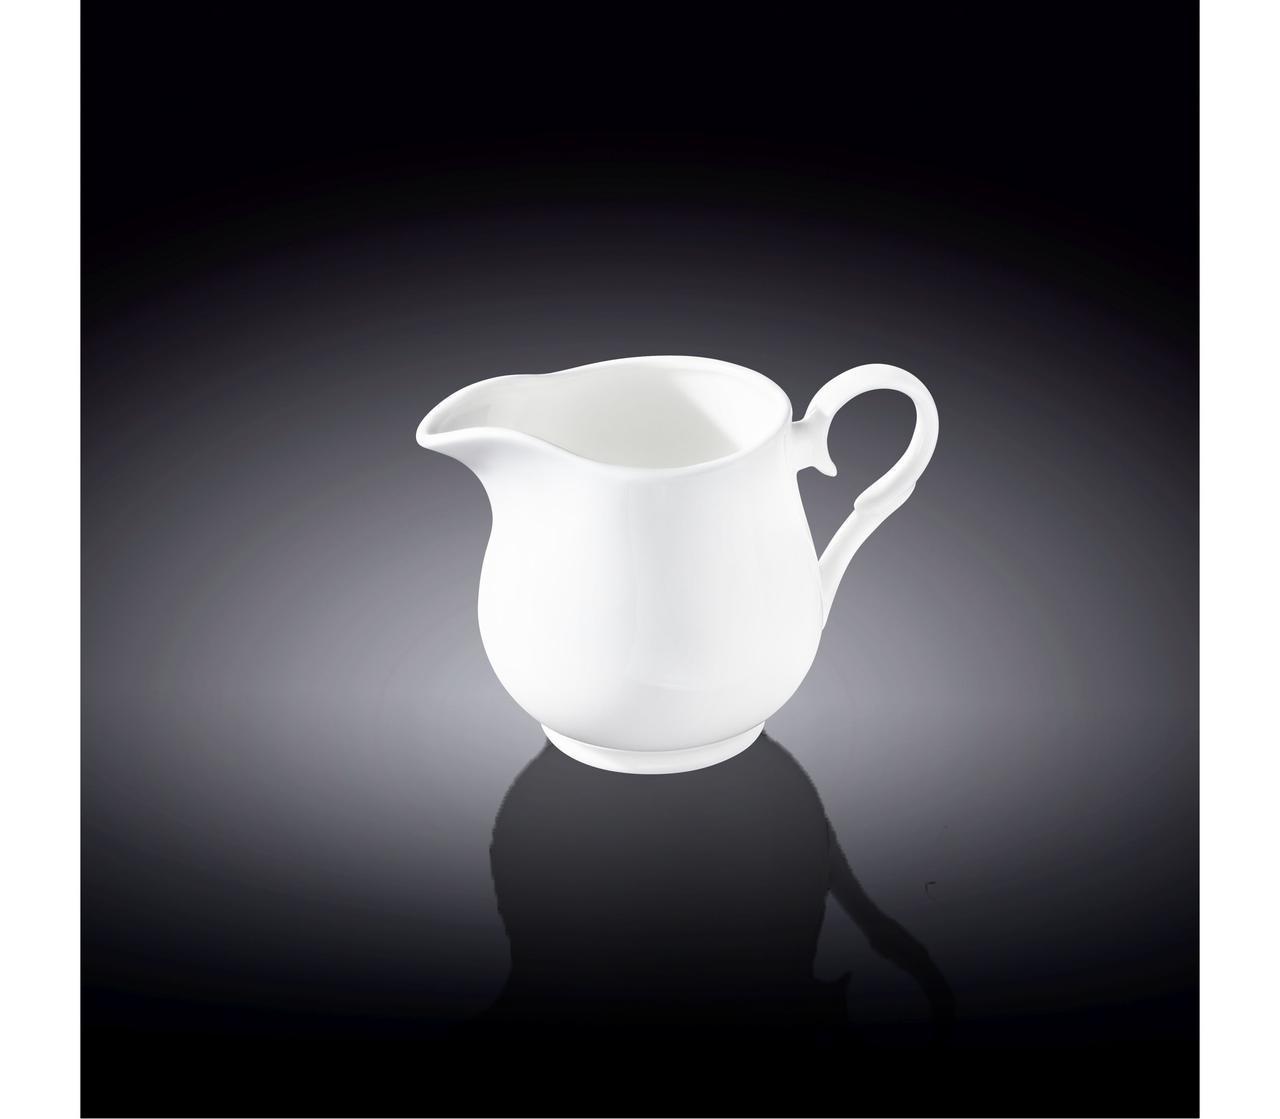 Молочник столовый Wilmax фарфоровый с ручкой 300 мл